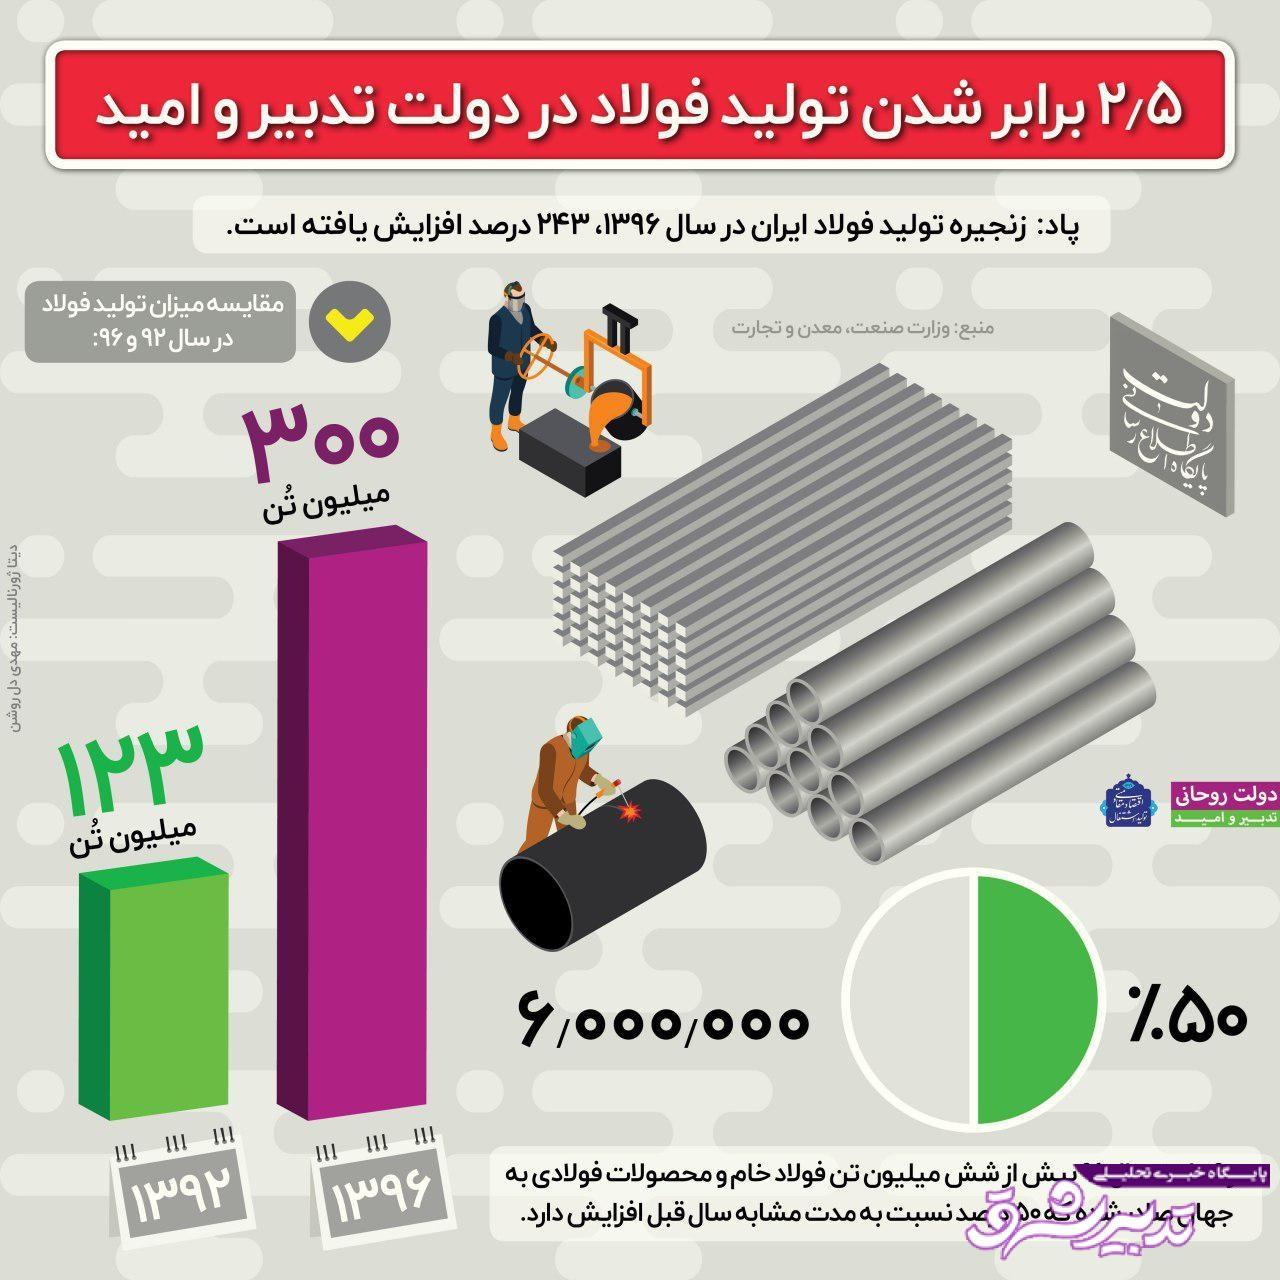 تصویر از اینفوگرافیک | مقدار تولید و صادرات فولاد در دولت در ۹ ماهه سال ۹۶